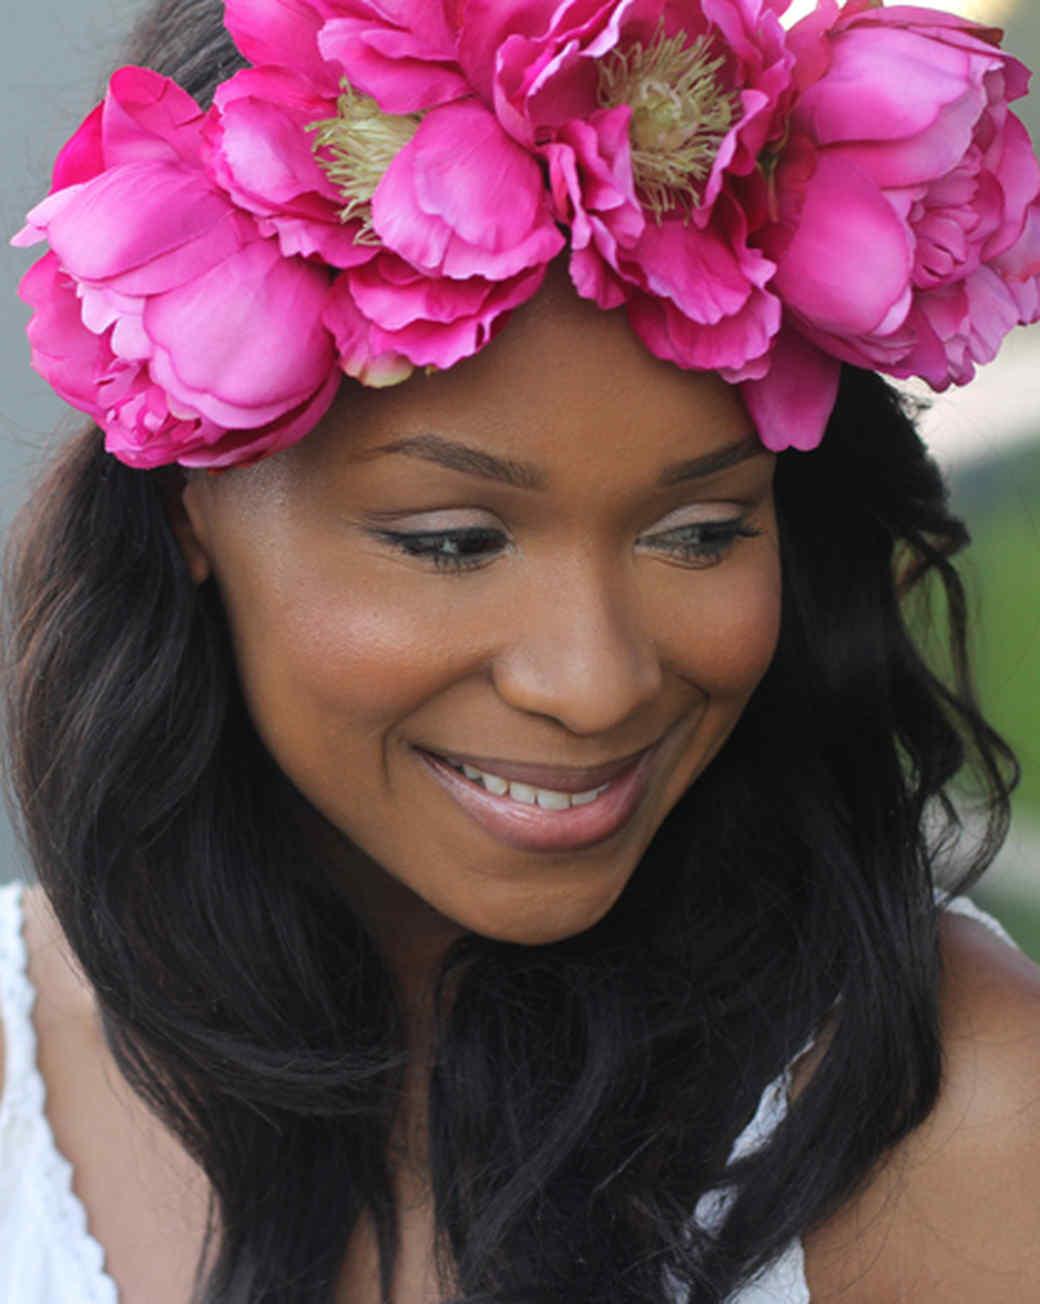 floral-crown-frugal-nomics-01-0814.jpg